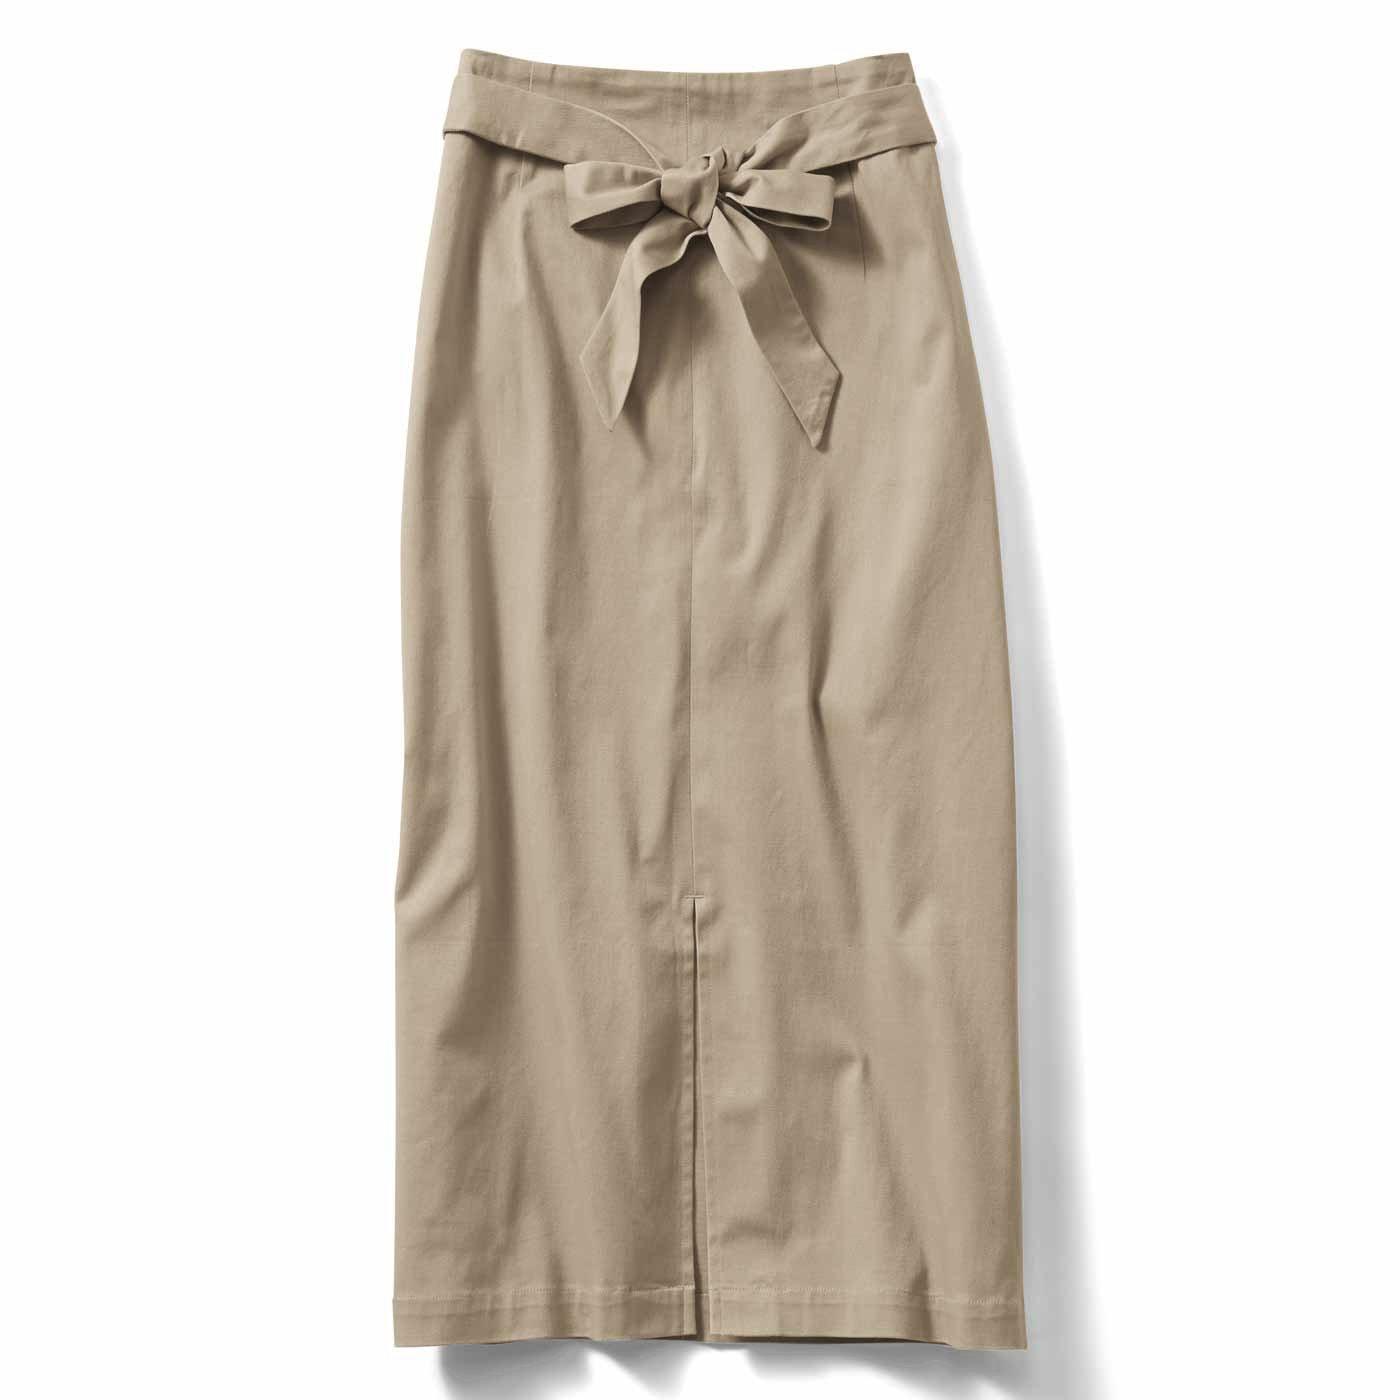 IEDIT ボクシーシルエットのセンタースリットスカート〈ベージュ〉